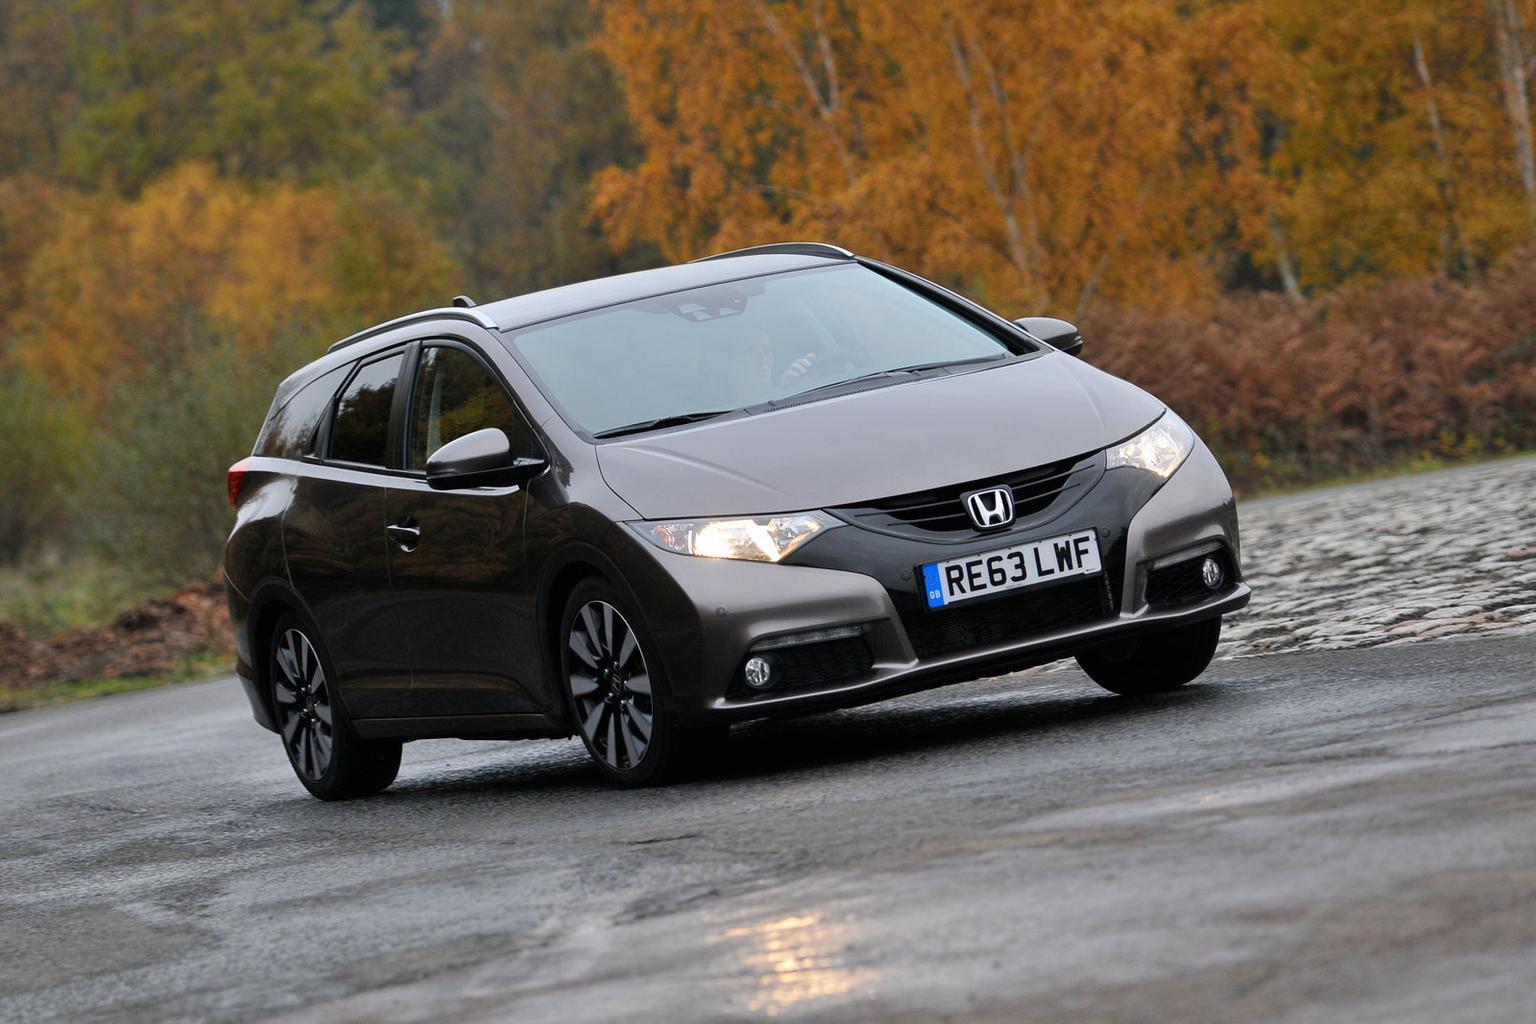 Honda Civic Tourer >> Honda Civic Tourer Vs Seat Leon St Vs Volkswagen Golf Estate